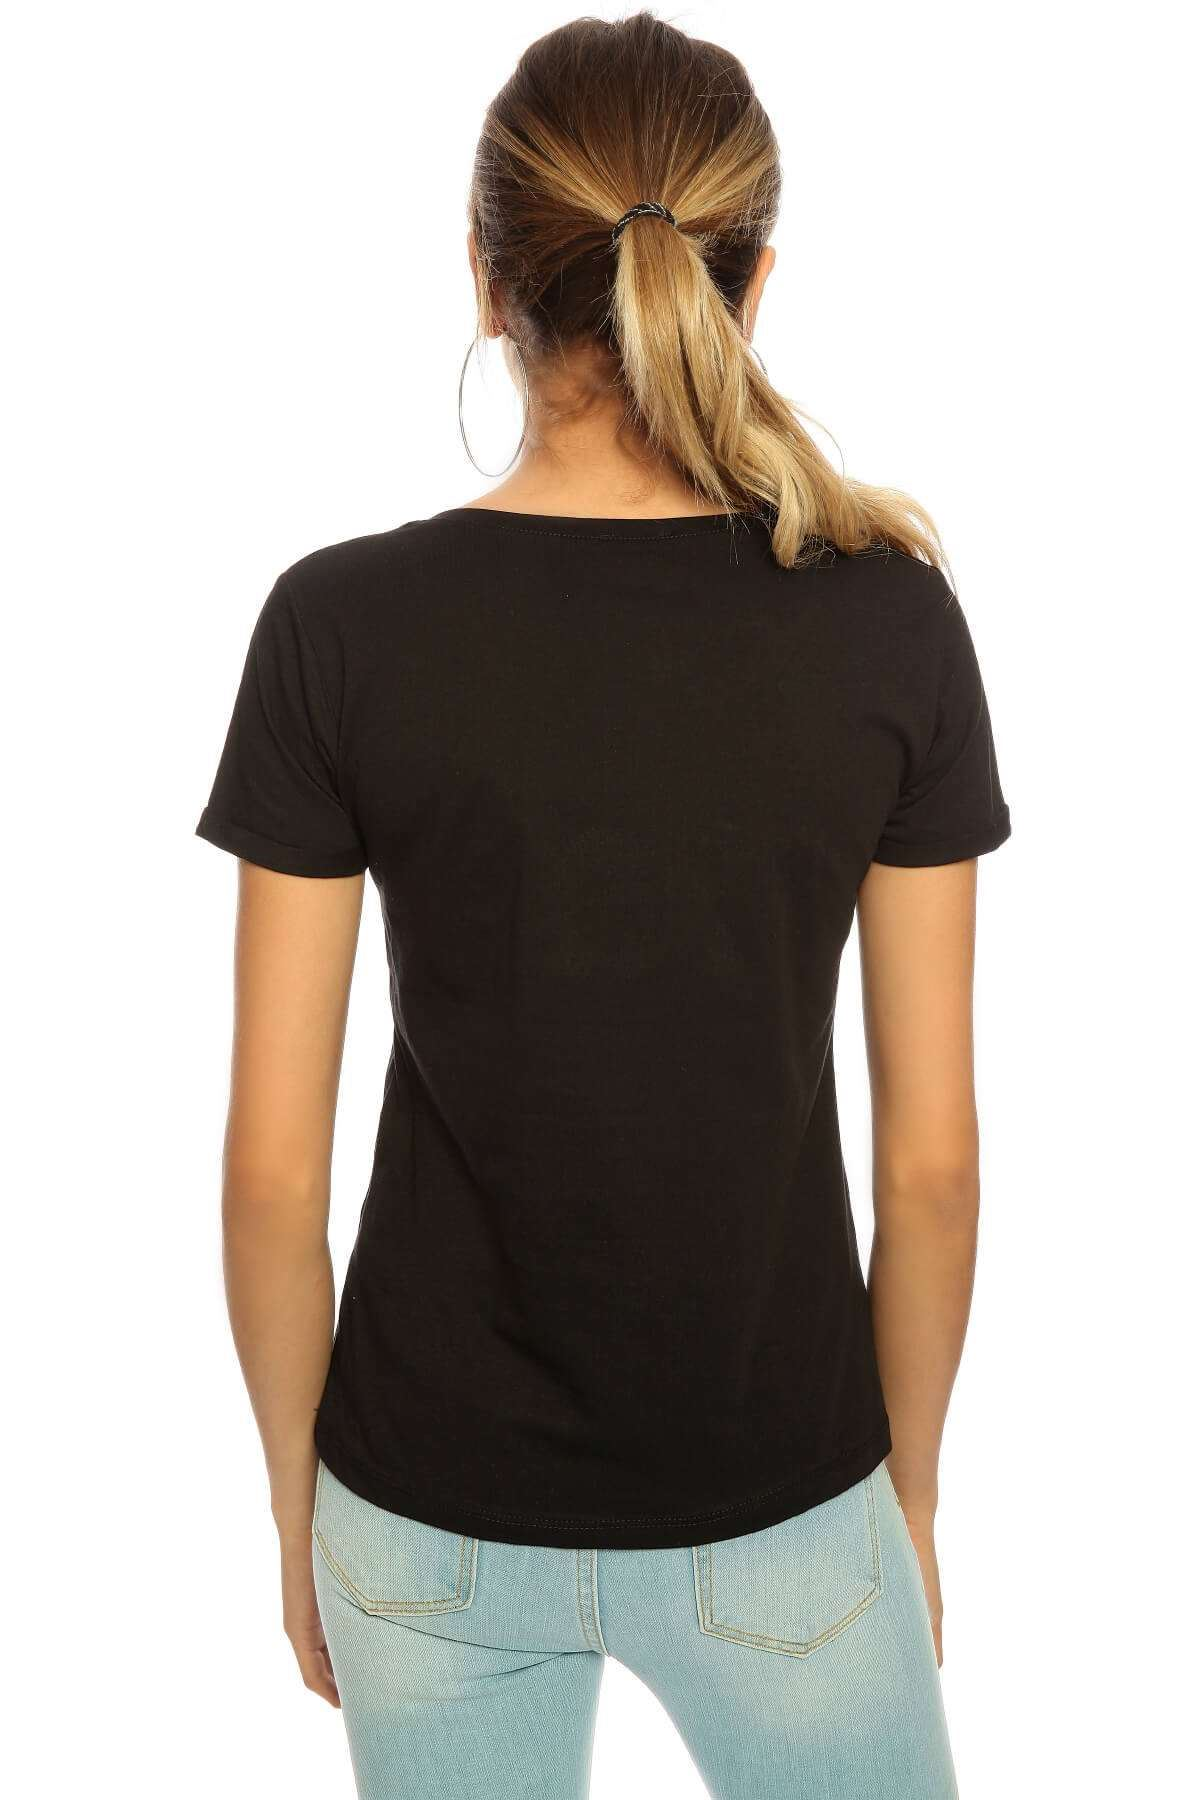 No Taşlı Sıfır Yaka Kısa Kol Tişört Siyah